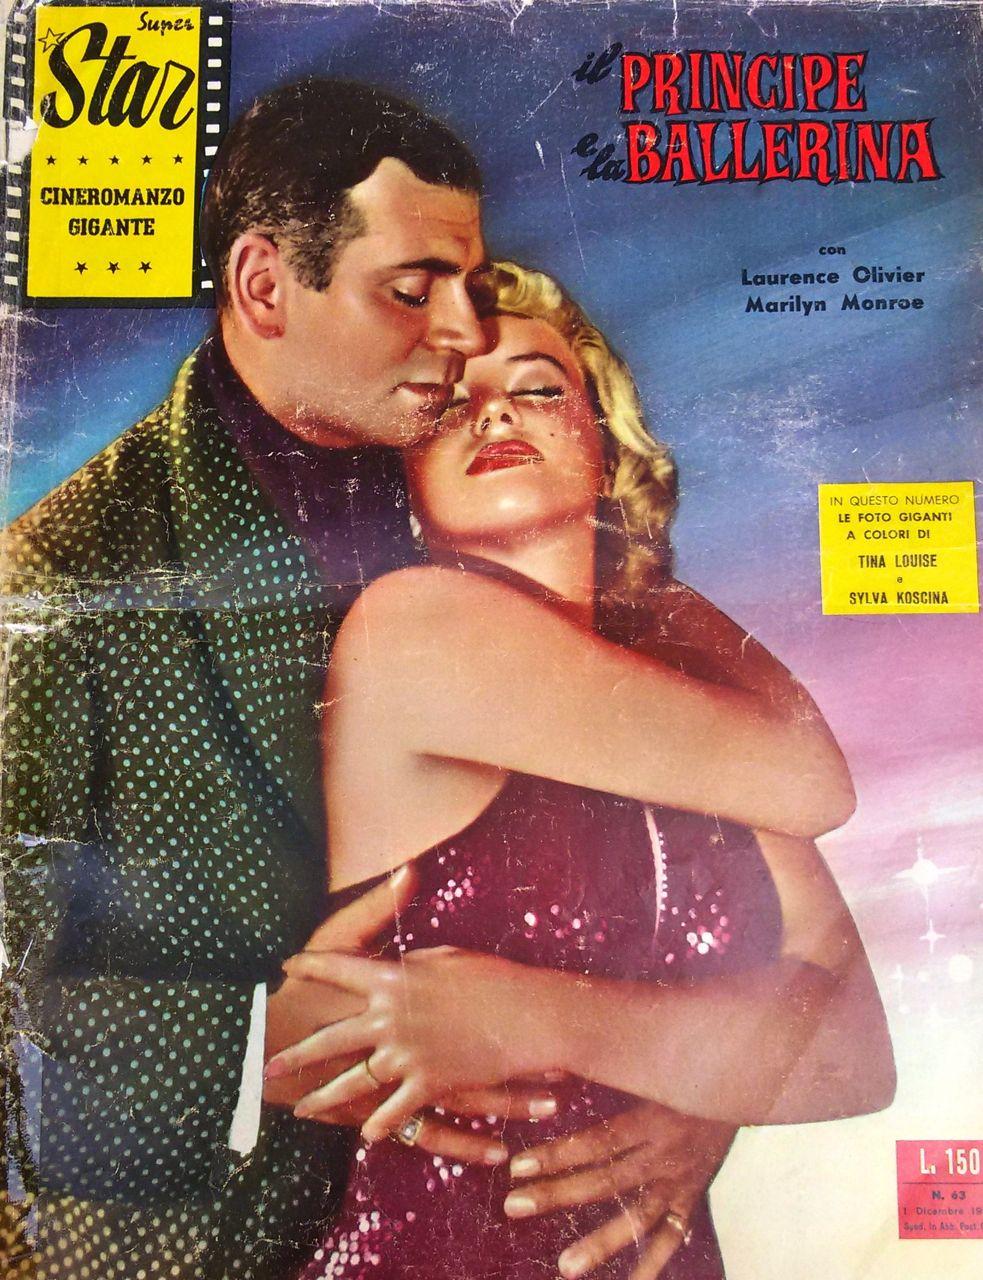 """Il principe e la ballerina di Laurence Olivier – Cineromanzo in """"Superstar – Cineromanzo Gigante"""", n. 63, 1 dicembre 1959"""